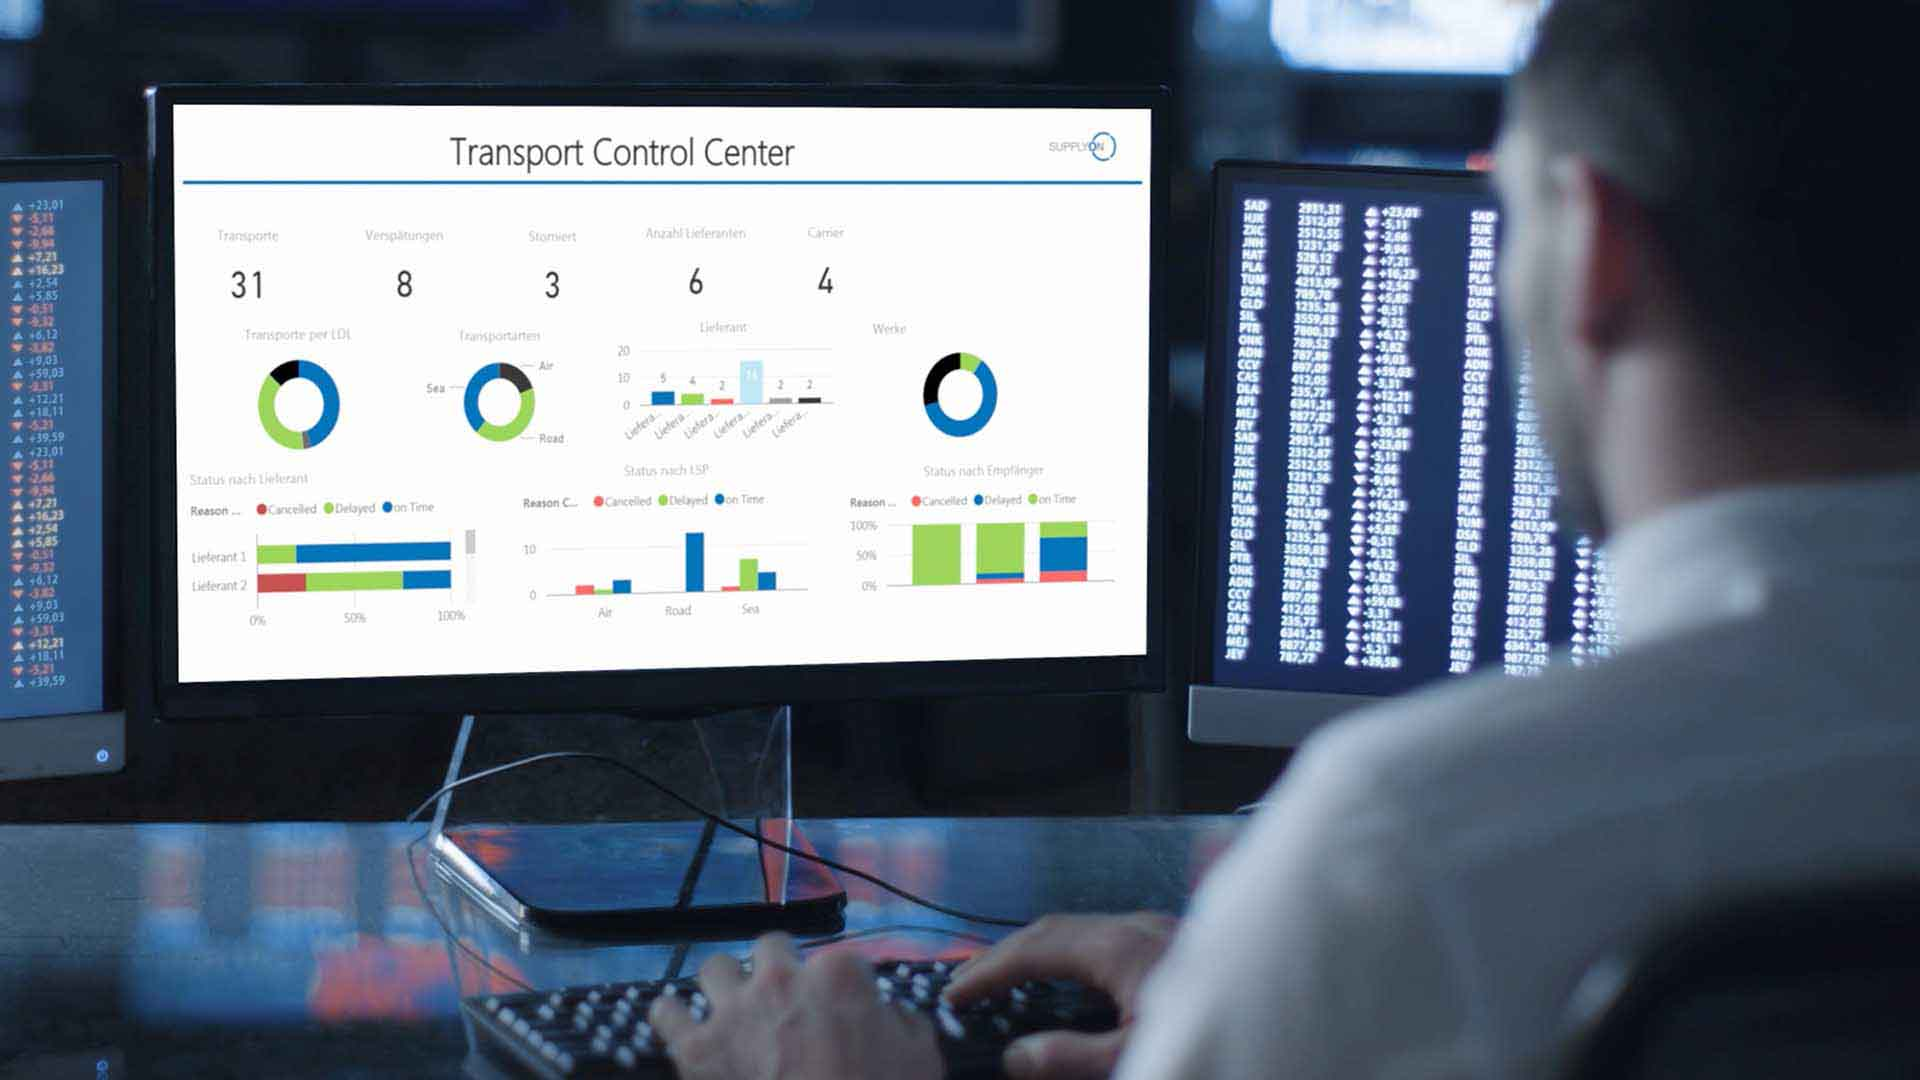 Das Bild zeigt einen Schreibtisch auf dem ein Computerbildschirm steht. Davor liegt eine Tastatur. Vor dieser sitzt ein Mann. Er ist unscharf. Der Bildschirm zeigt einen weißen Hintergrund mit vielen grünen Diagrammen. Das Bild dient als Sliderbild für den Portfolioeintrag SupplyOn - Supply Chain Management Imagefilm von Panda Pictures.